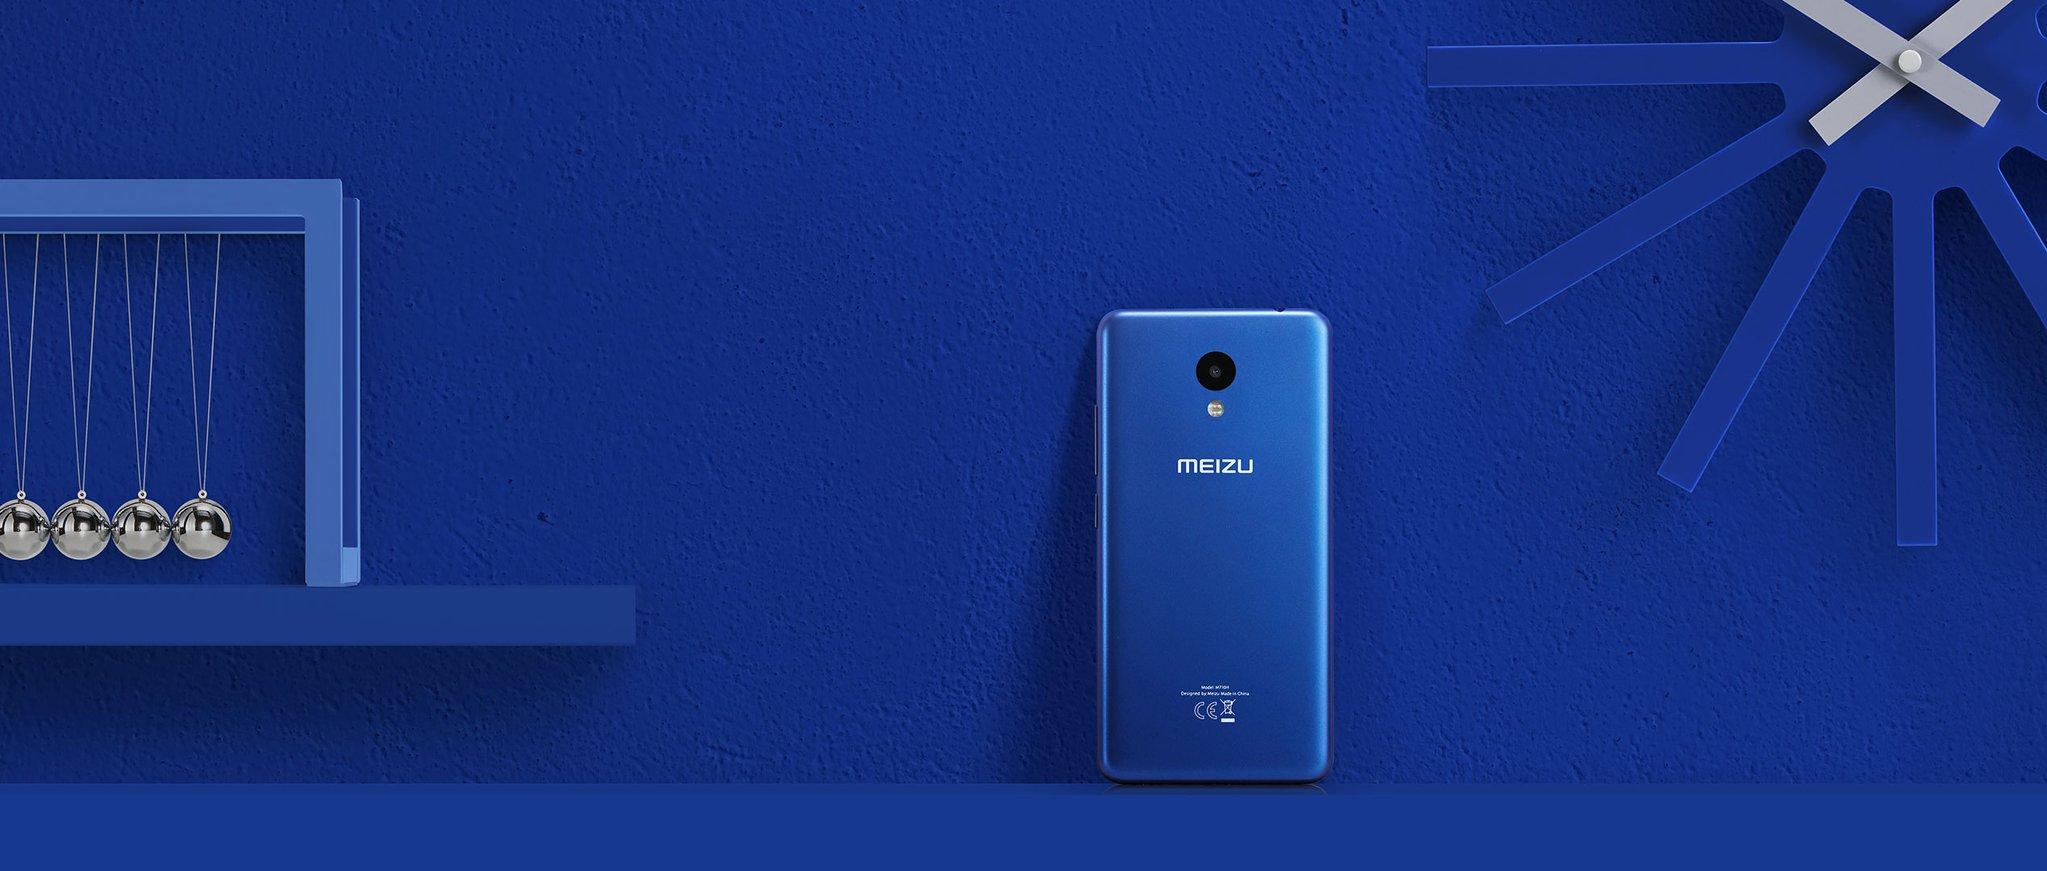 meizu m5c xanh dương